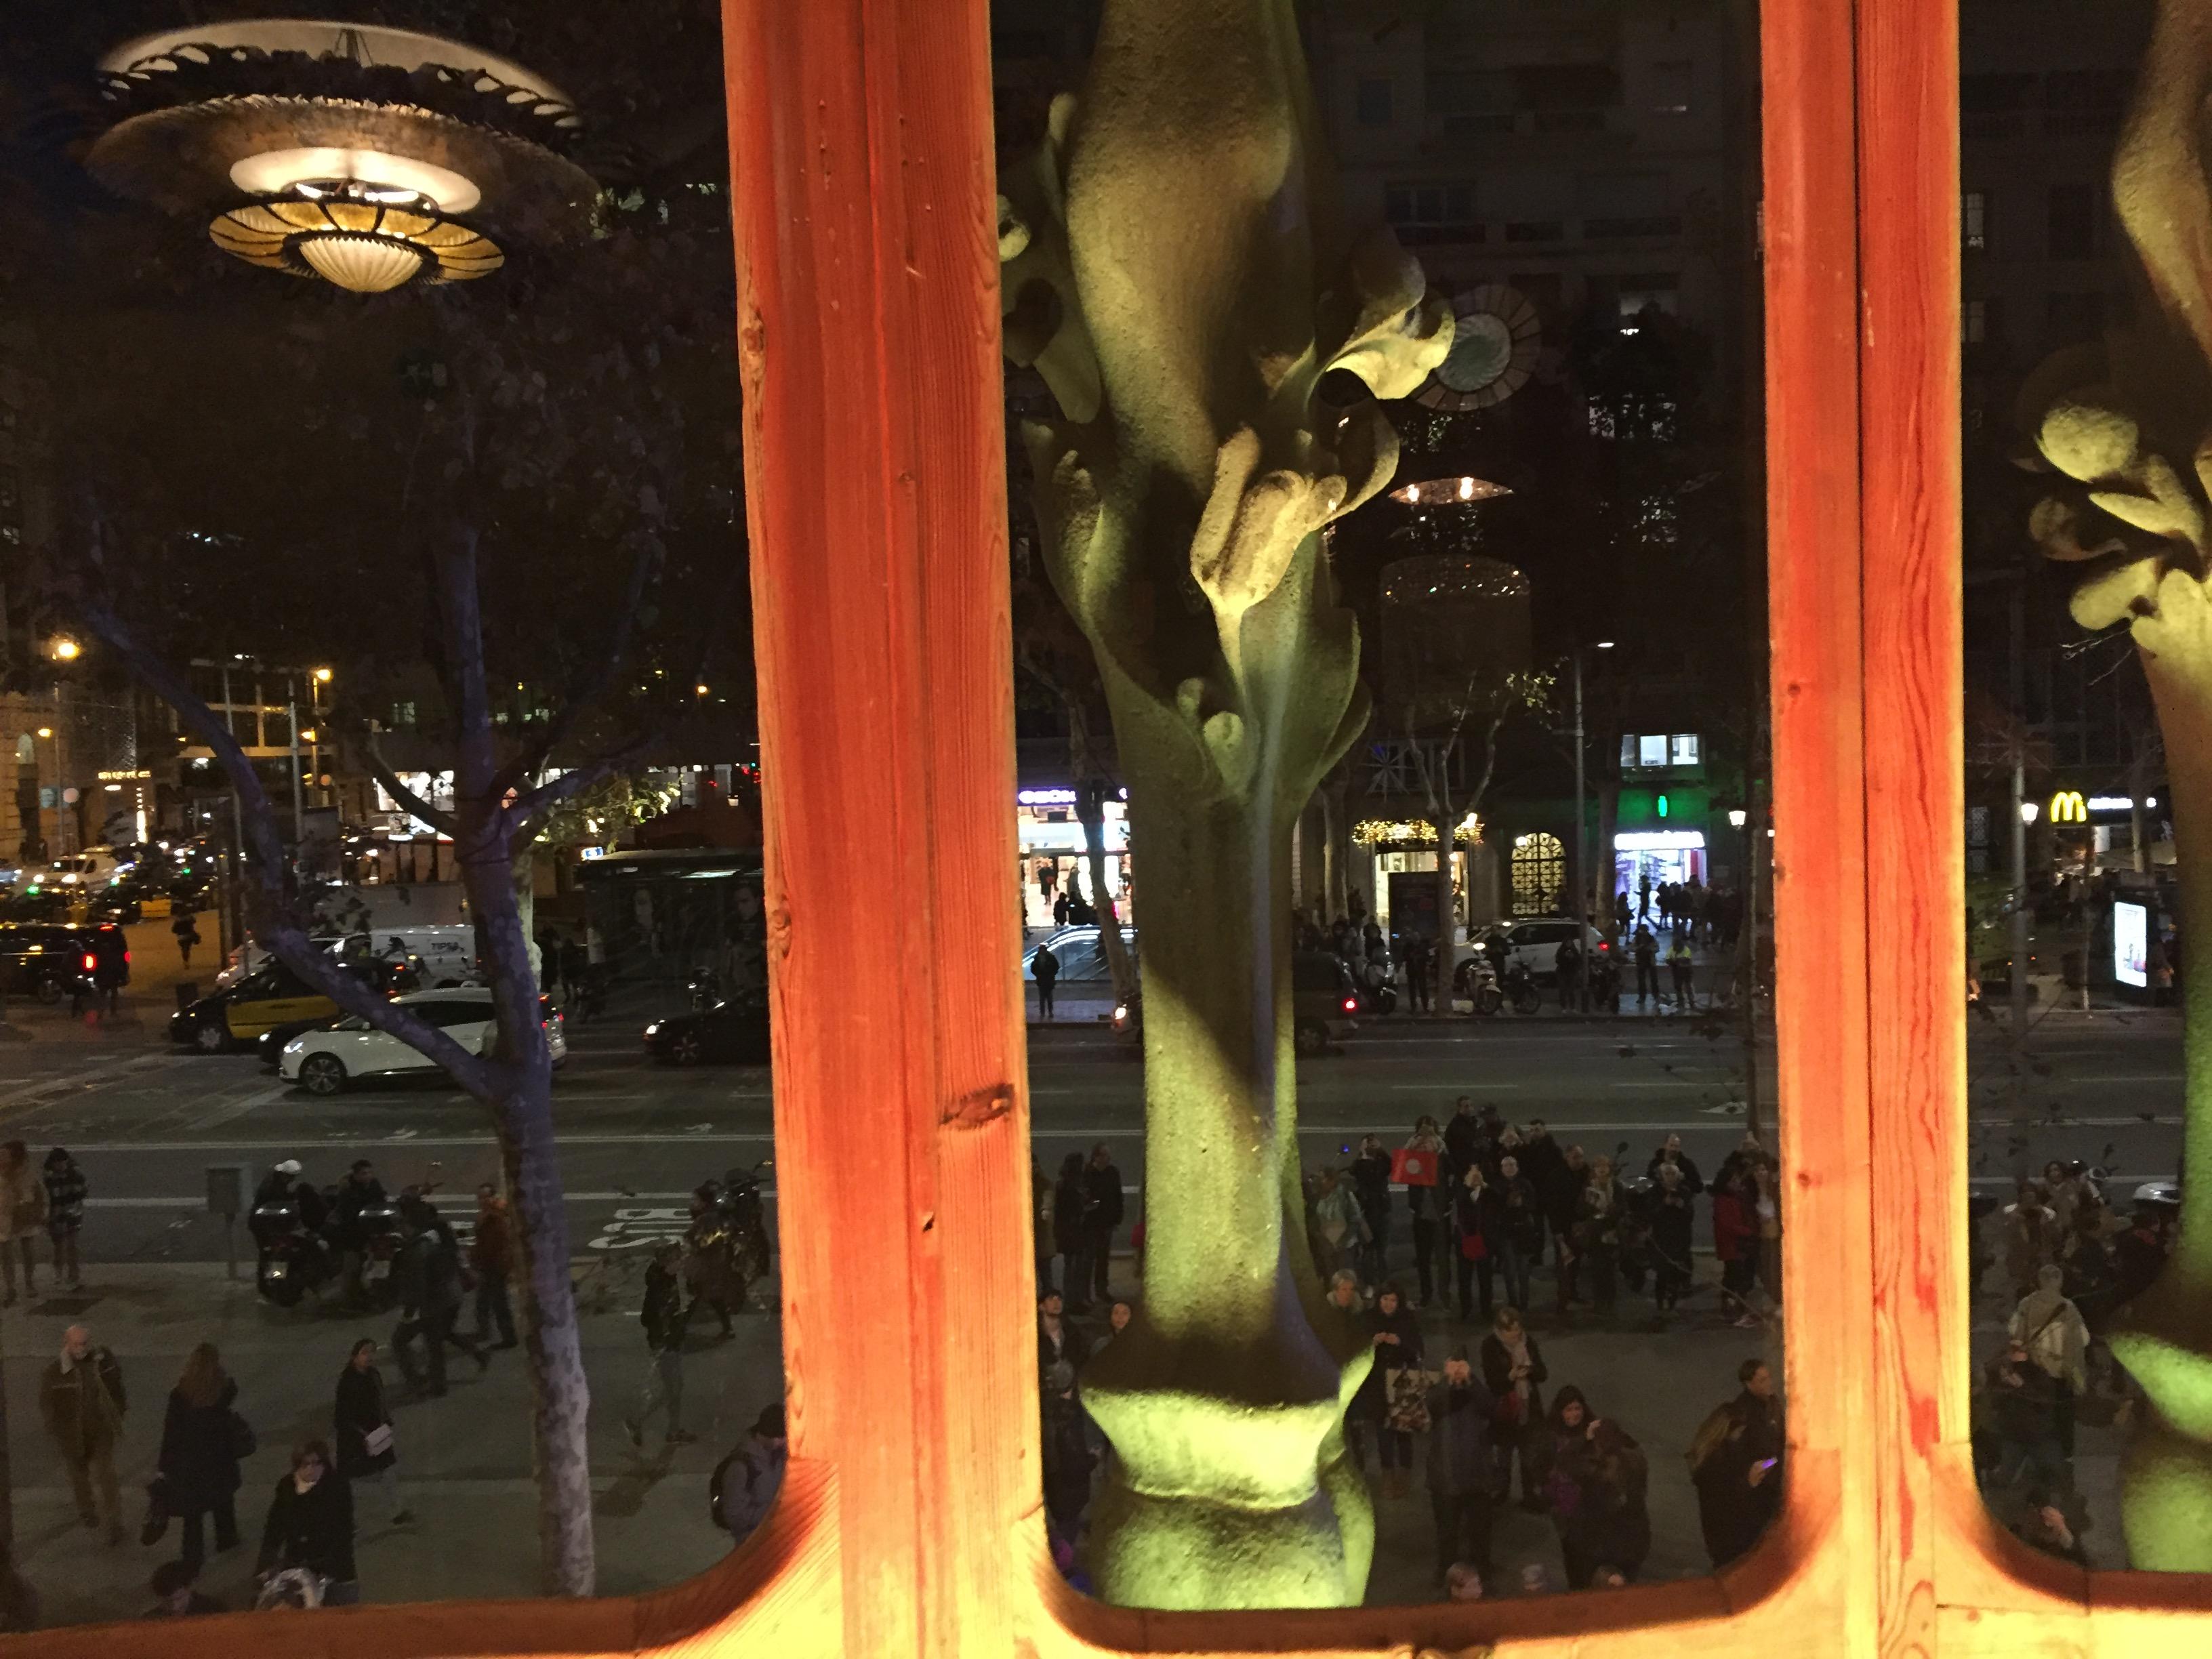 IMG 0843 - Visita a la Casa Batlló en Barcelona Parte I/II